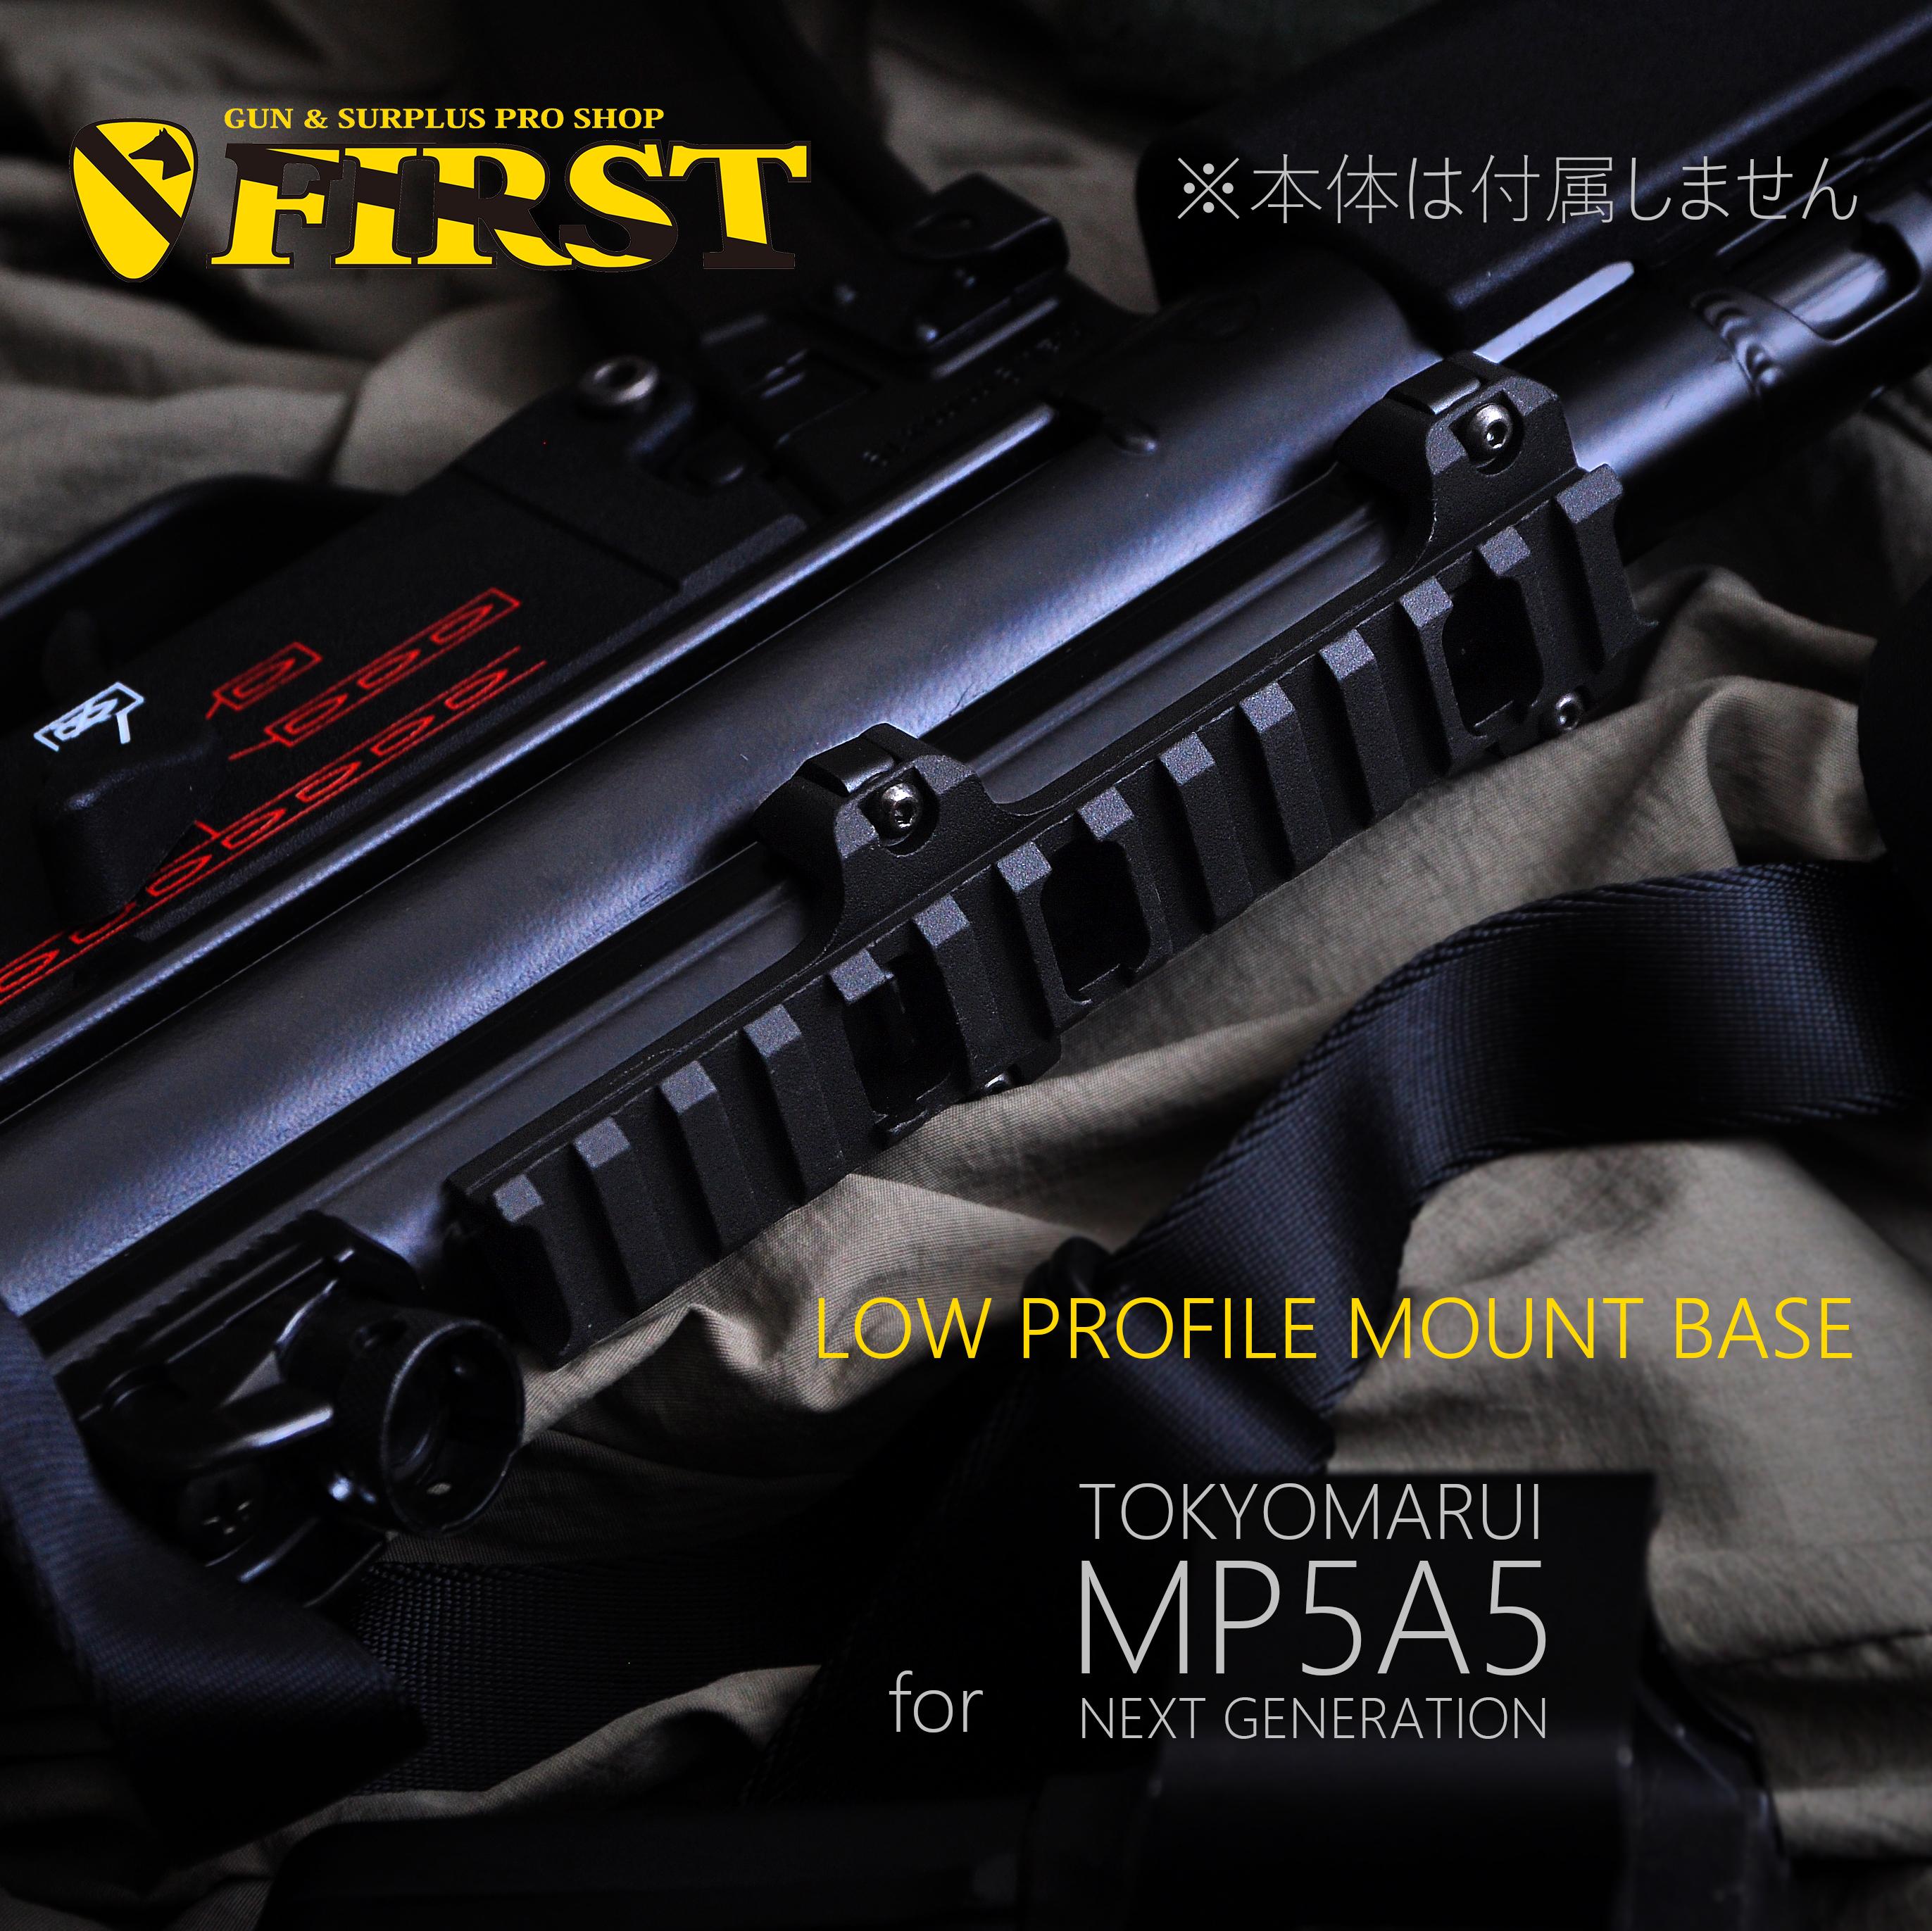 次世代電動ガン MP5A5対応 ロープロファイルマウントベース